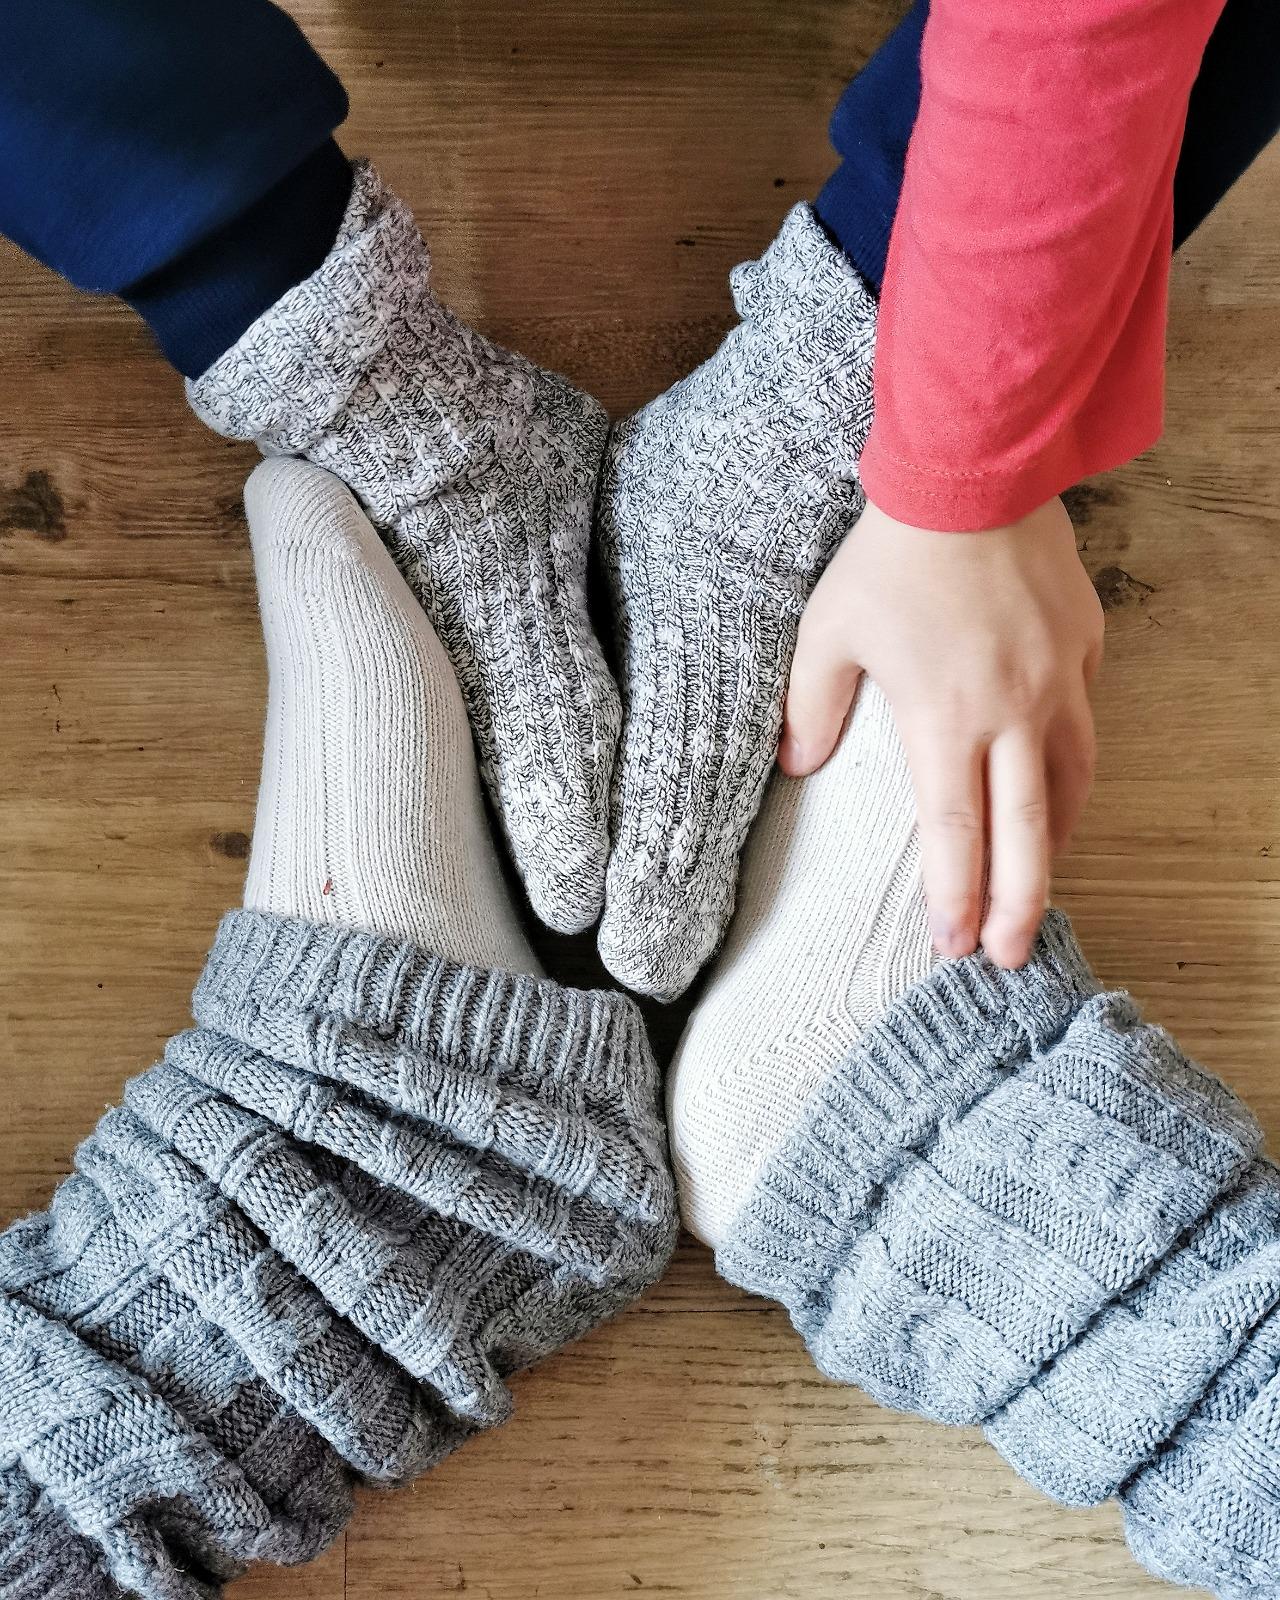 Unsere Familien-Hausmittel und Rituale bei Erkältung